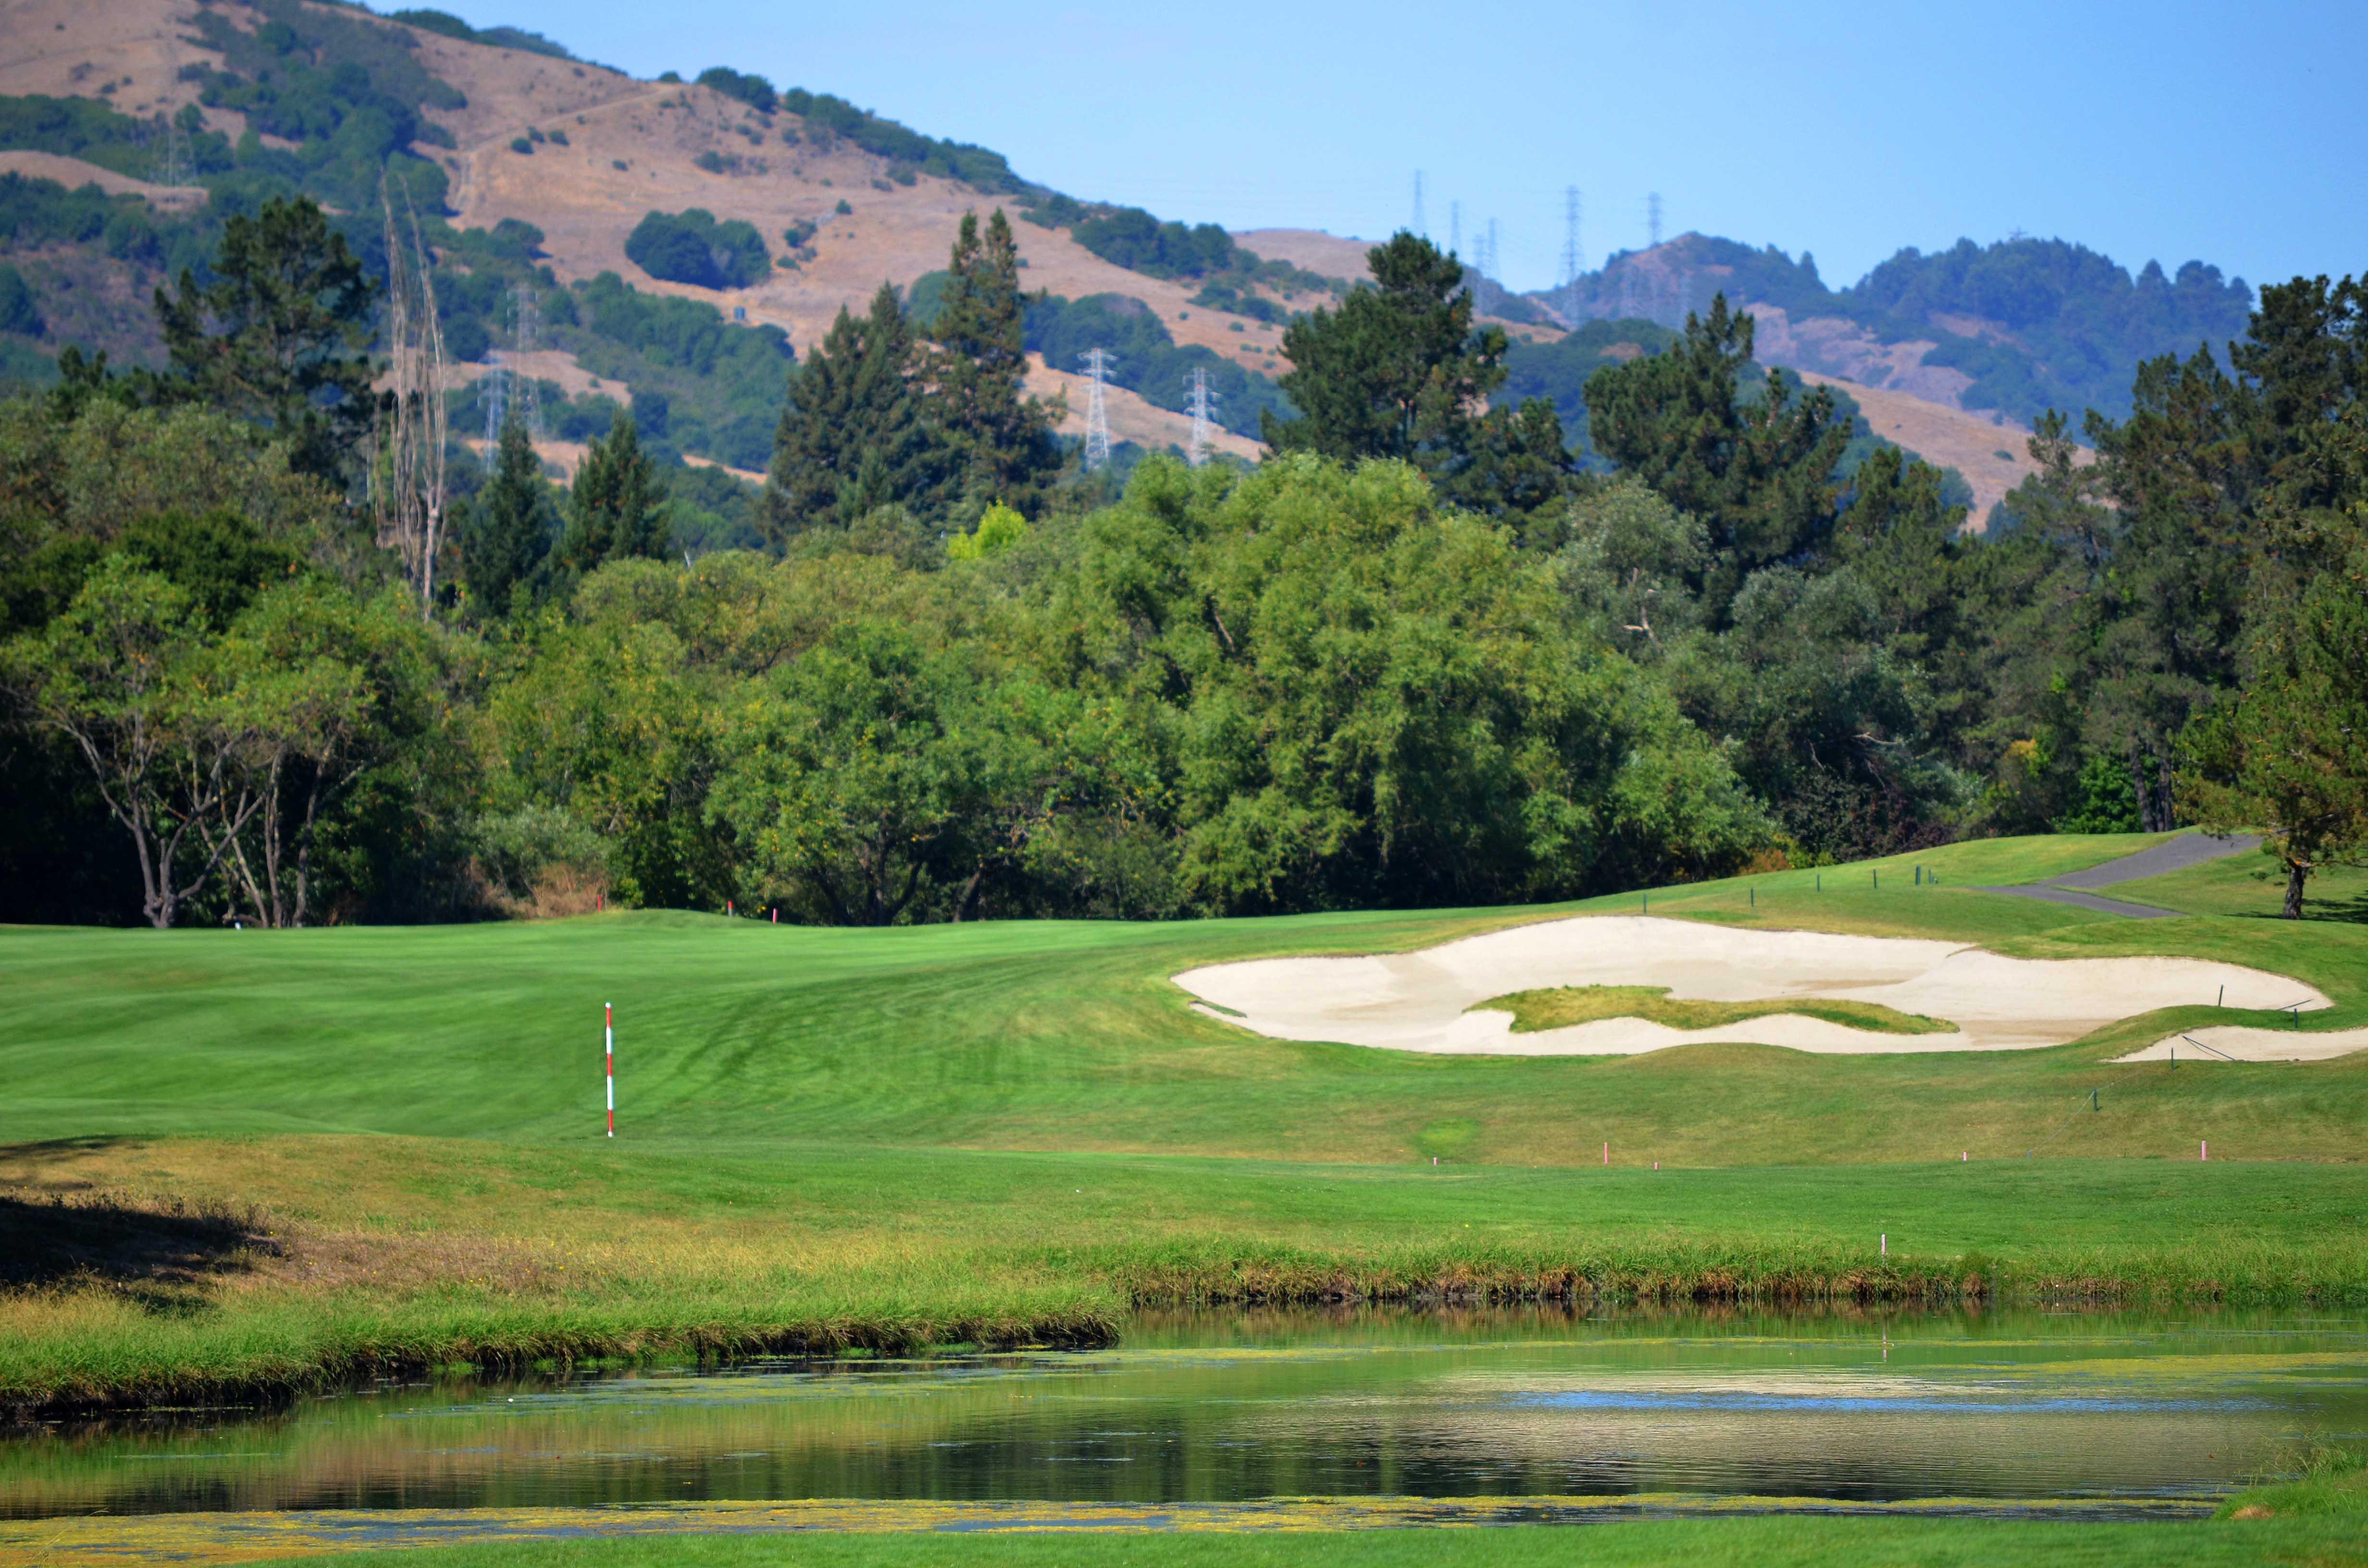 Moraga Golfcourse